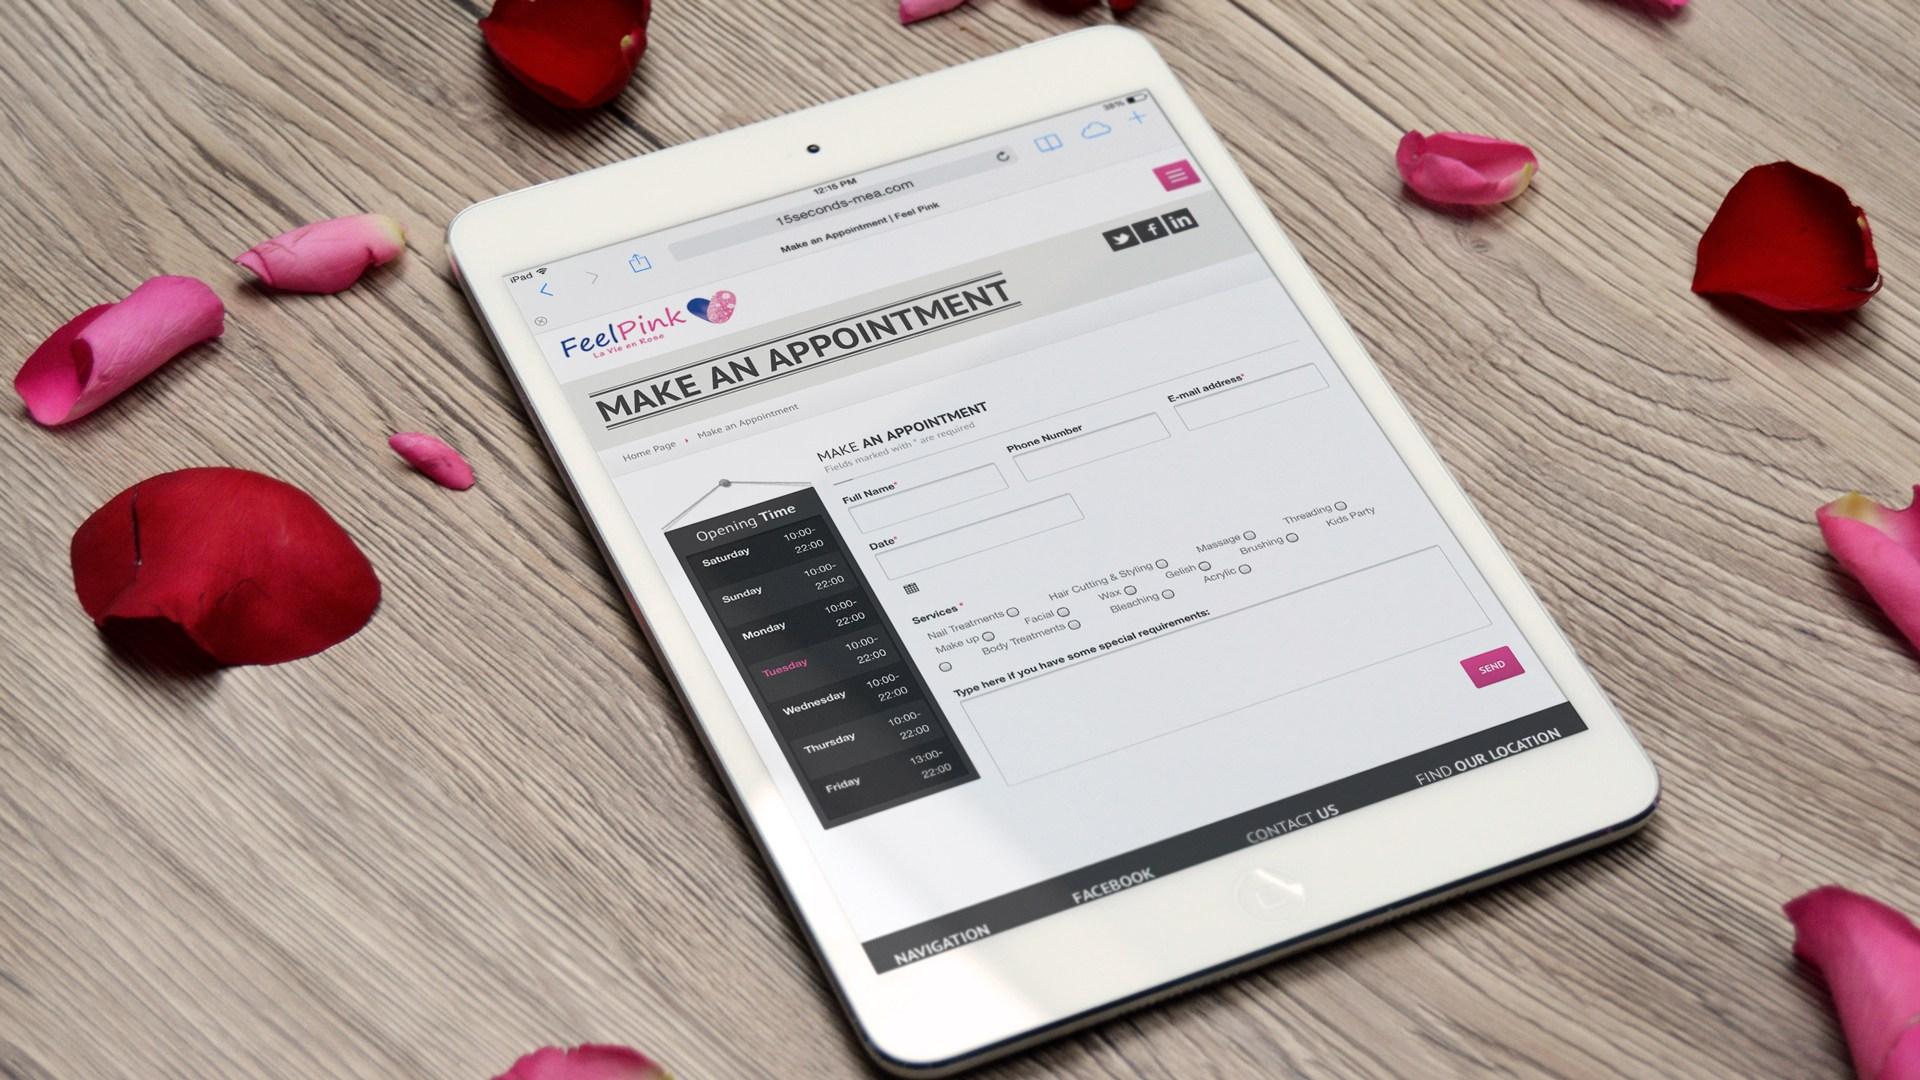 feel-pink-website-ipad